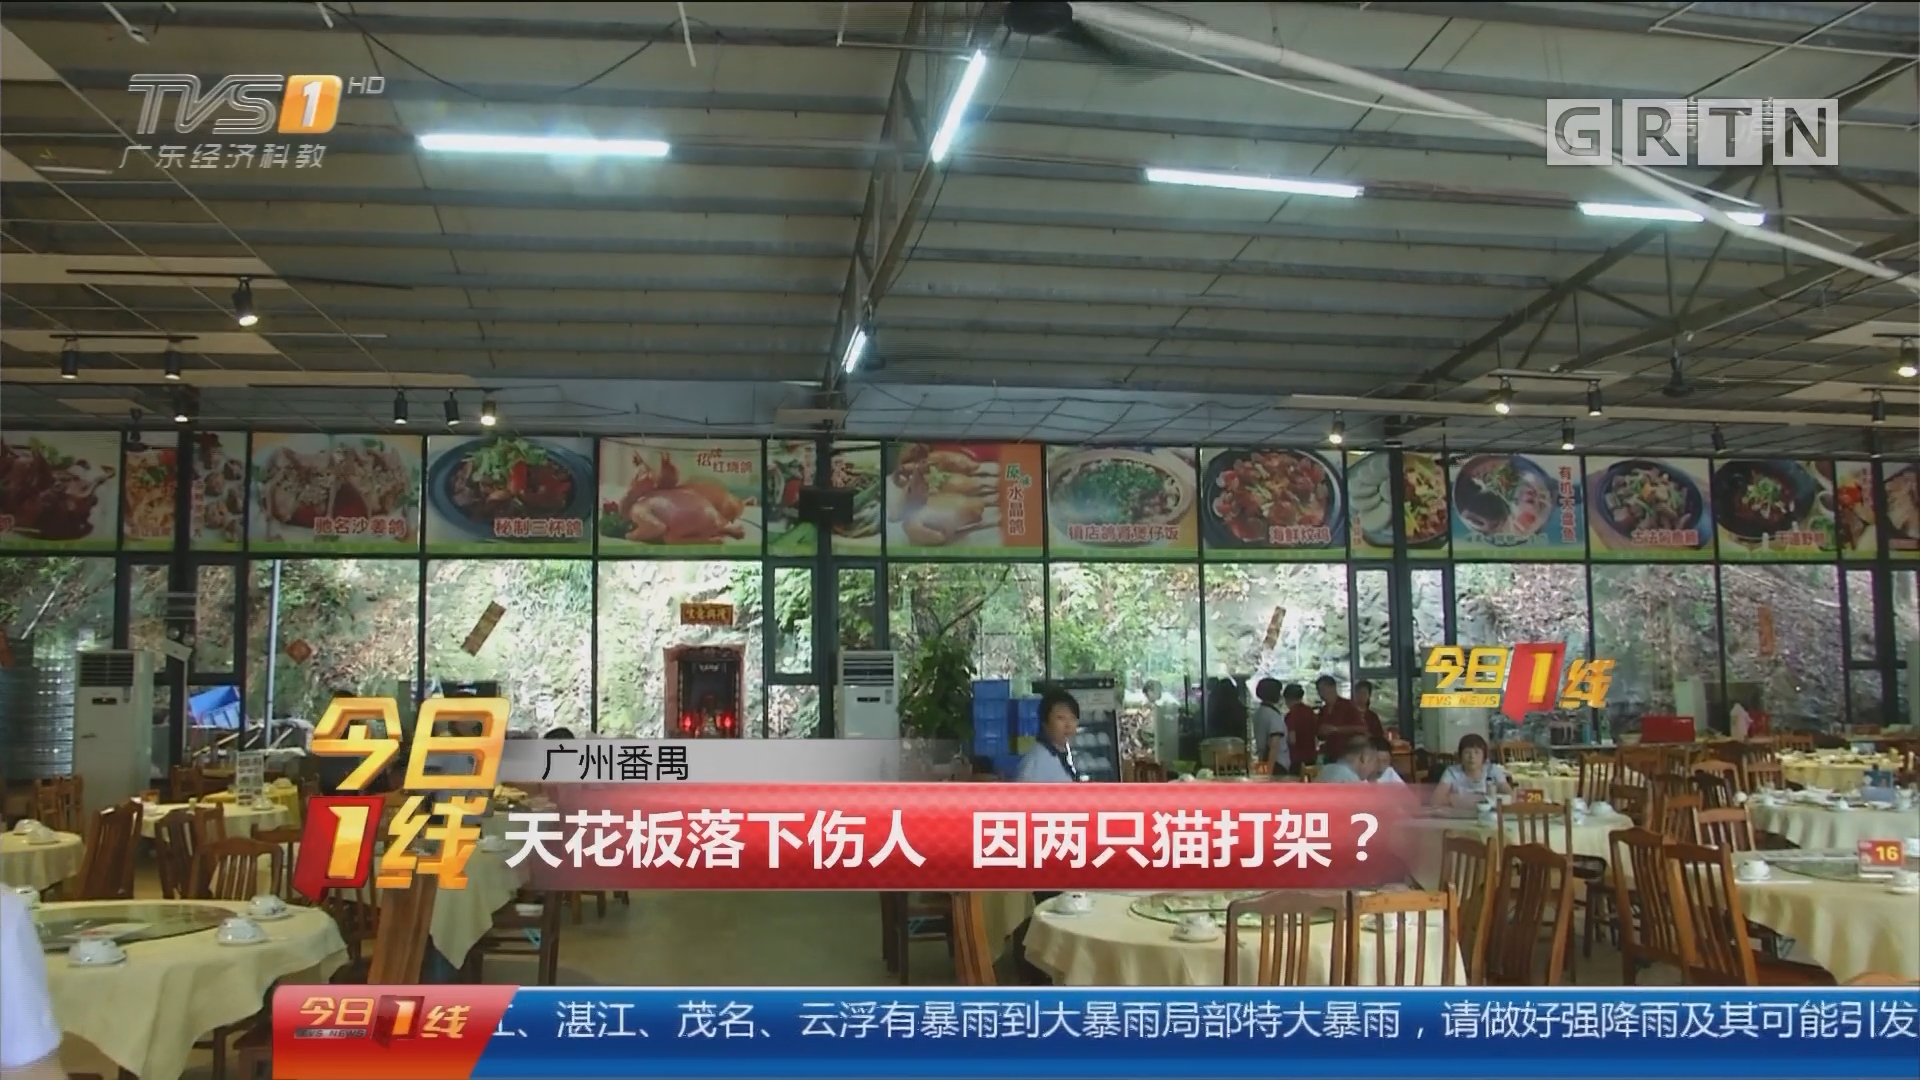 广州番禺:天花板落下伤人 因两只猫打架?